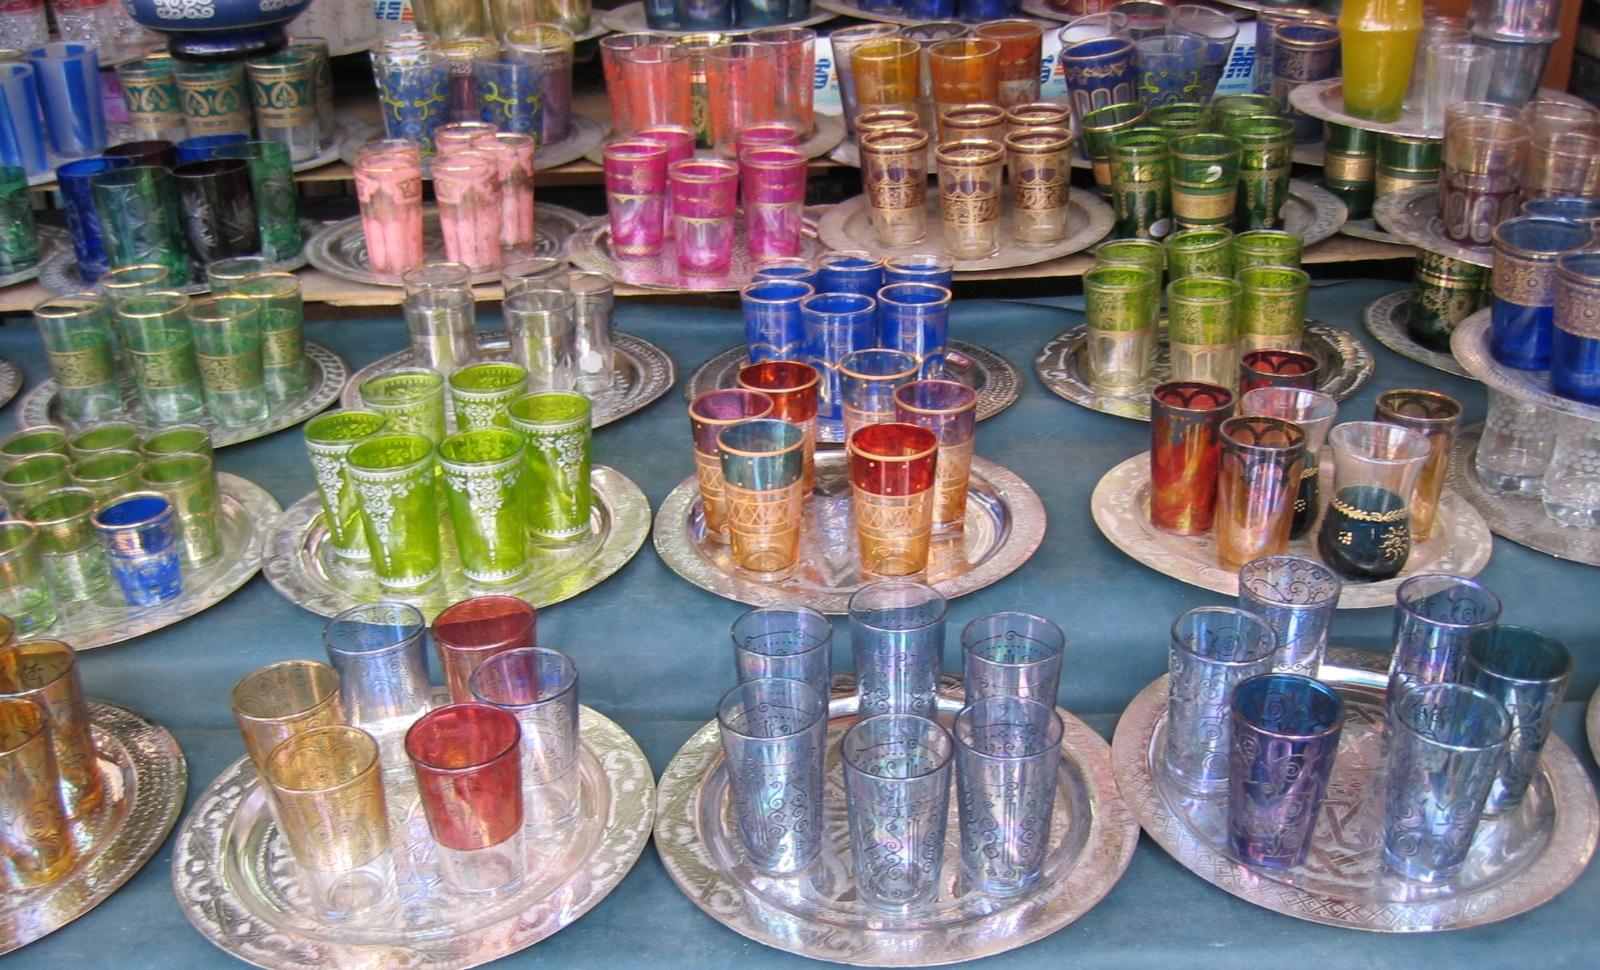 Marokkolainen minttutee. Värikkäät teelasit ovat suosittu matkamuisto Marokosta. Kuva: Flickr/mwanasimba.